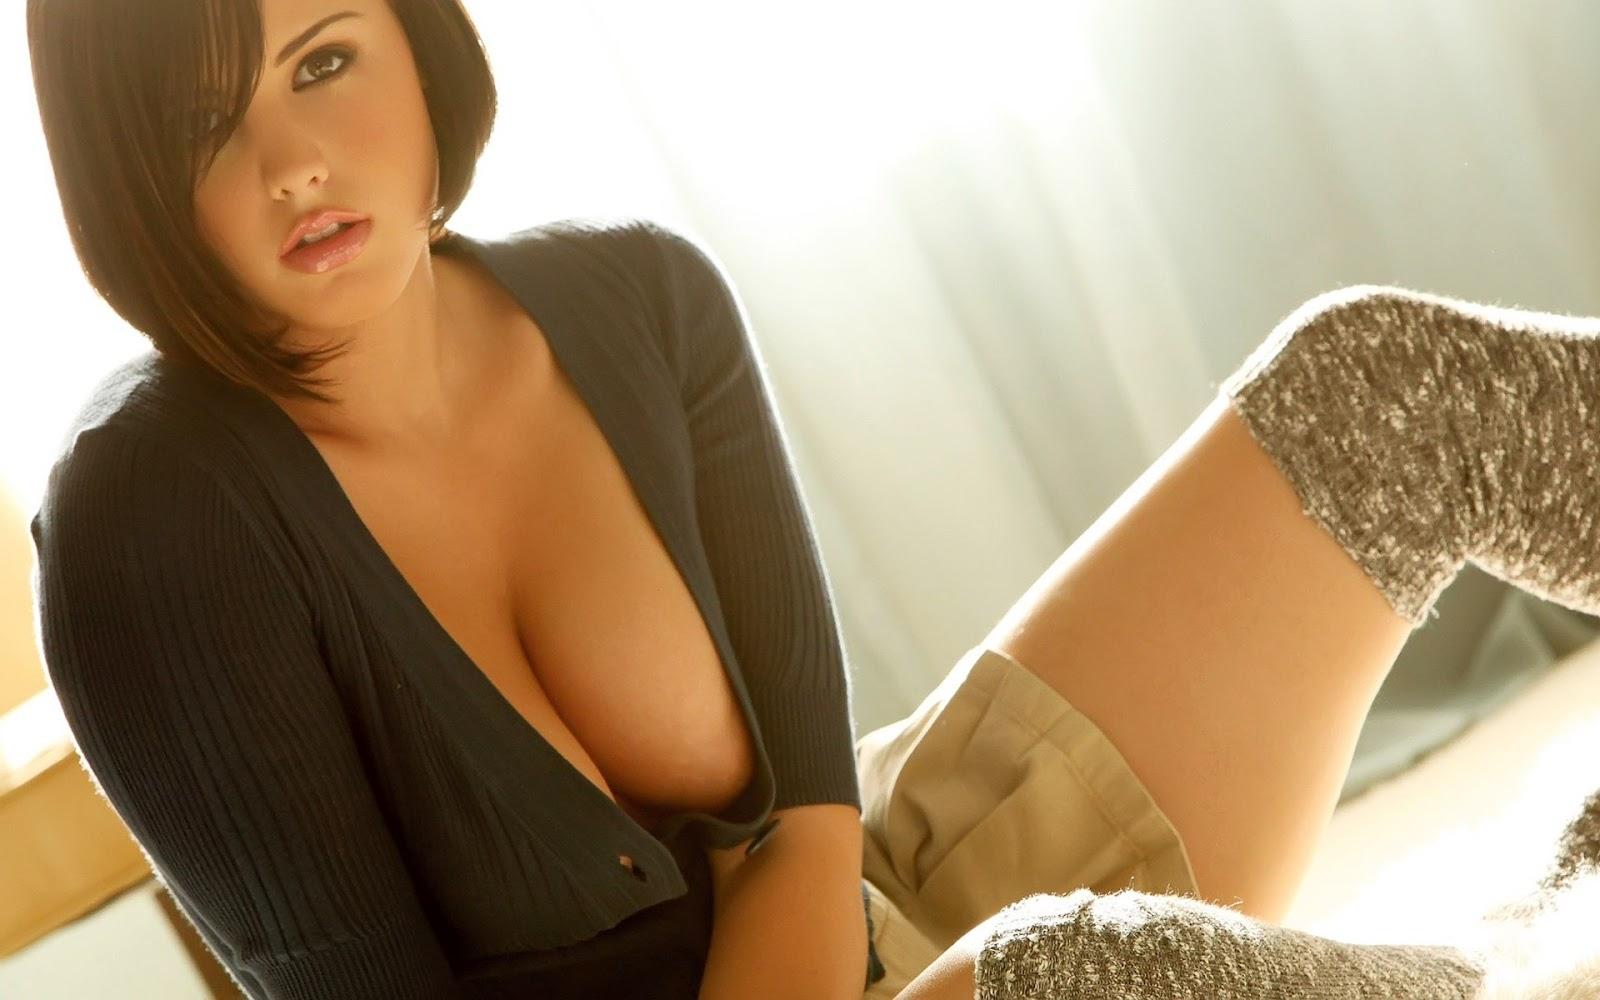 http://1.bp.blogspot.com/-aMQFbHXJKVw/T-owhyJxnhI/AAAAAAAAAHo/0iprLkwXHvU/s1600/brunette-cleavage-wallpaper-1572--1920-x-1200-widescreen.jpg